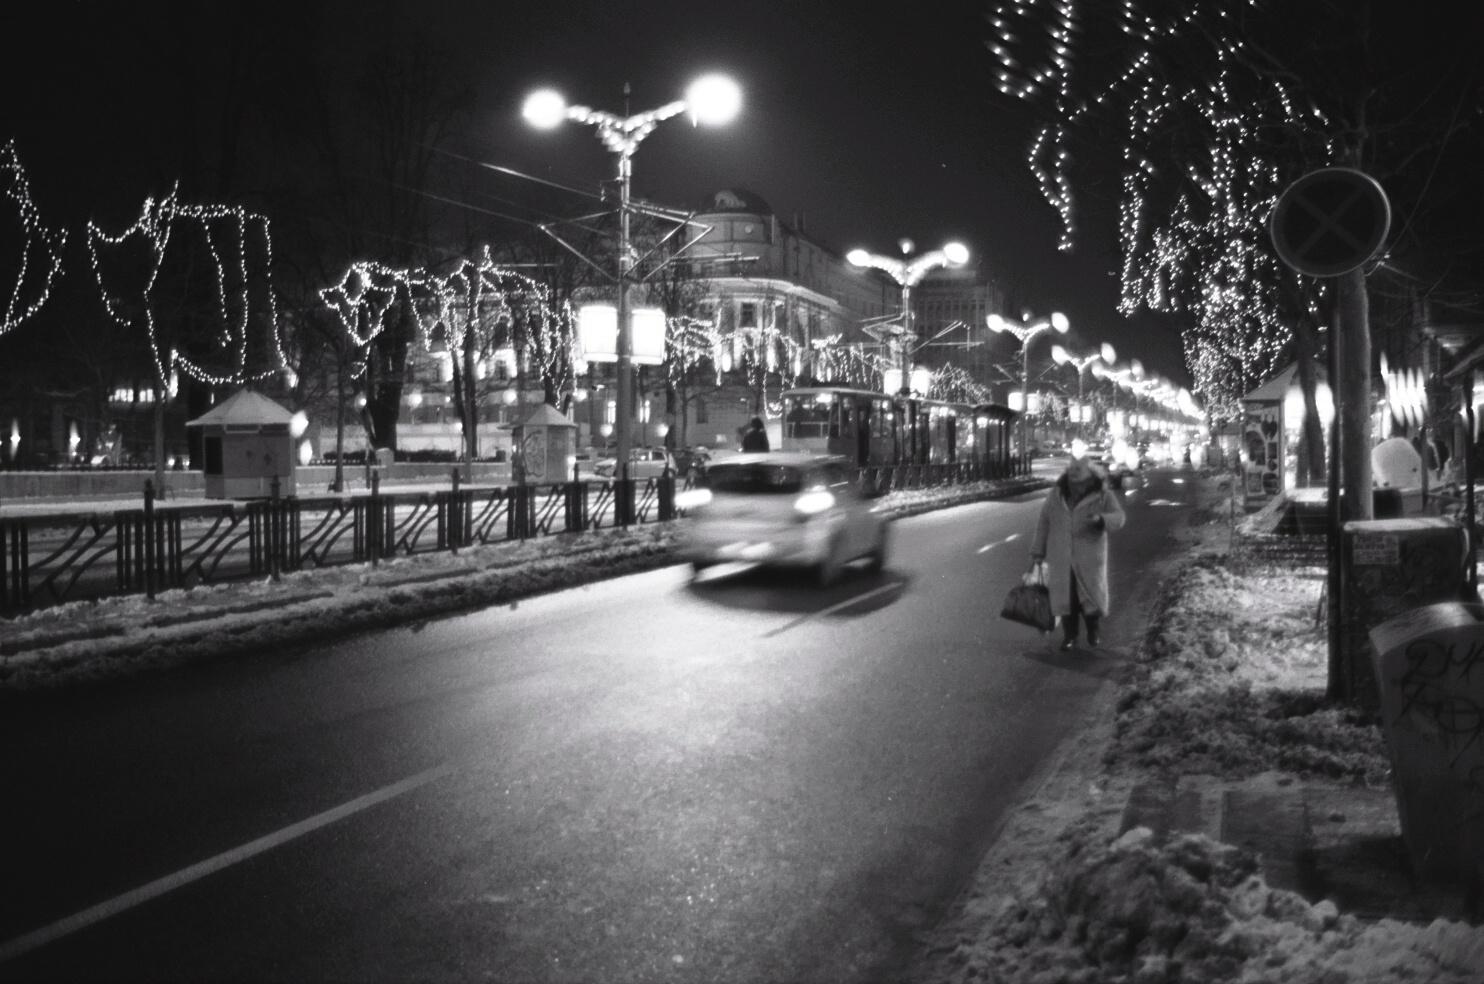 La nuit en Serbie